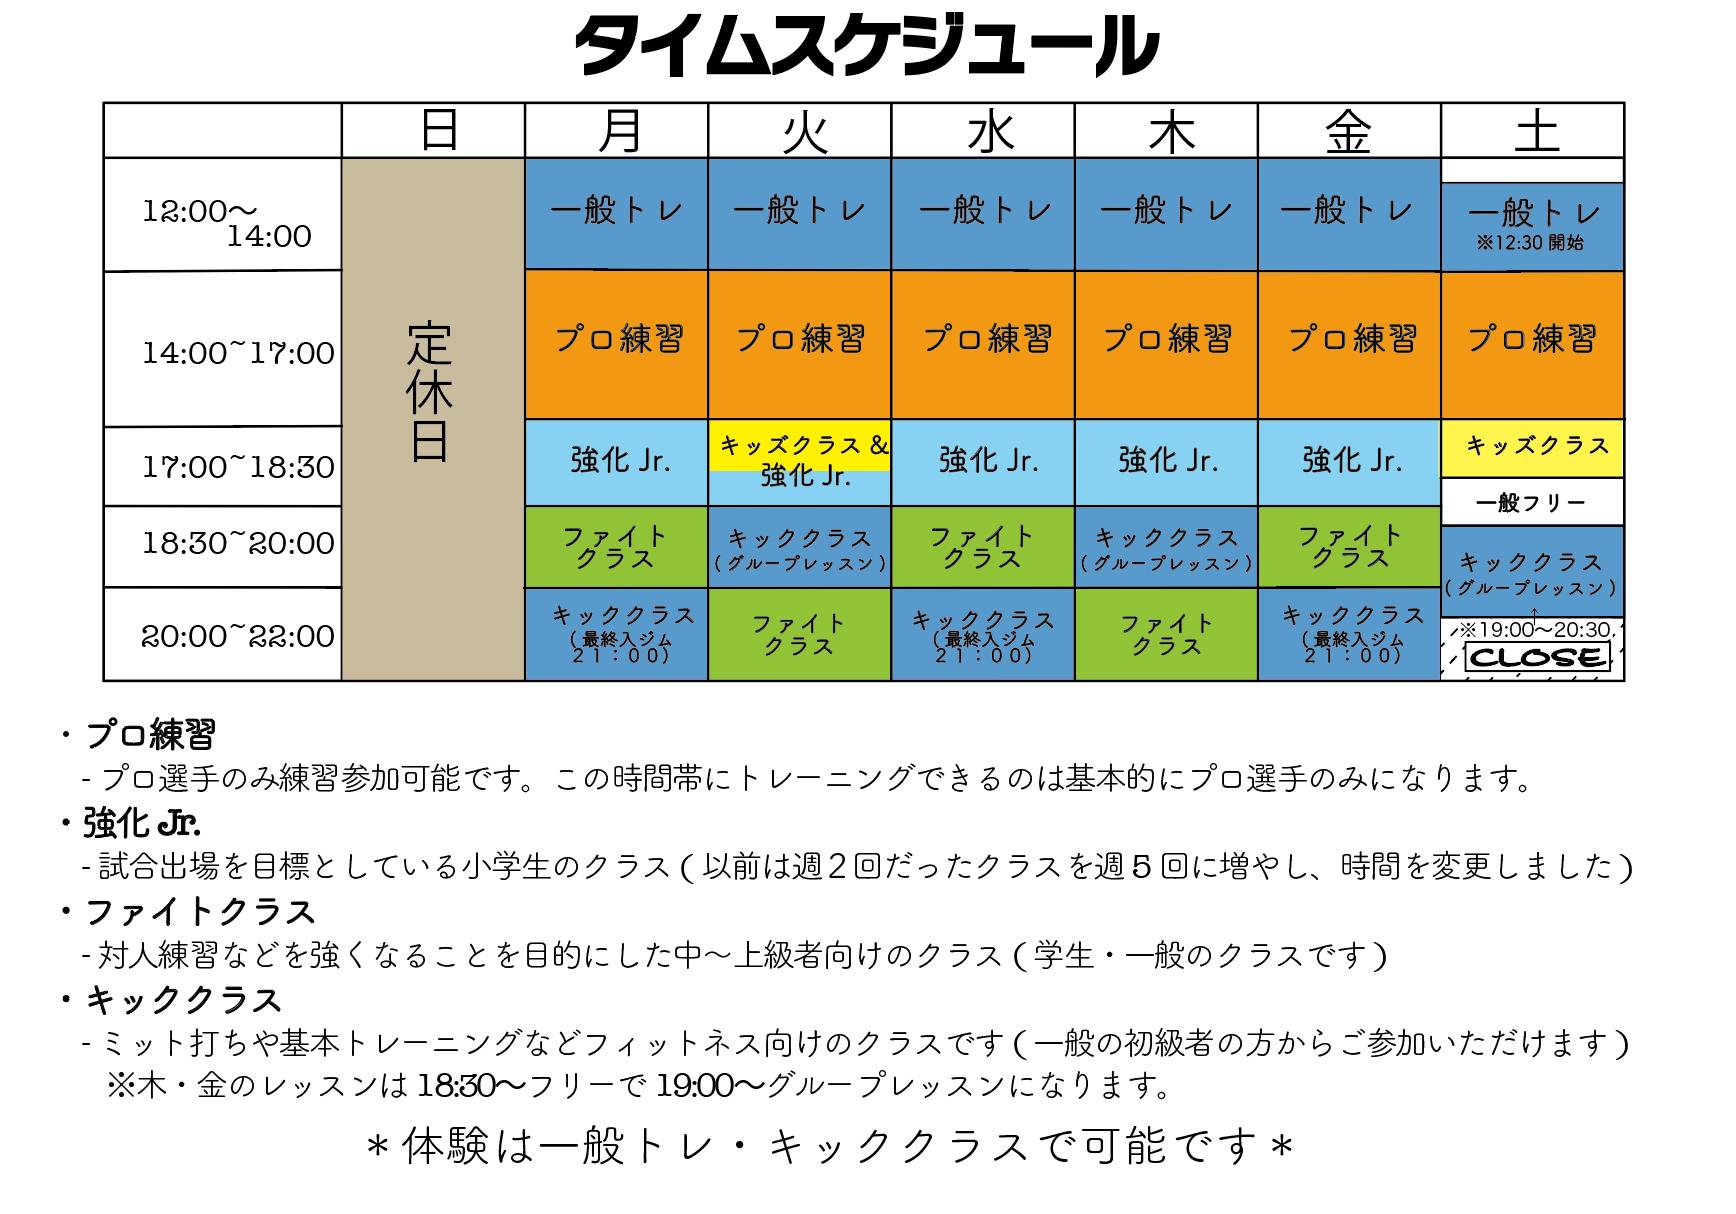 スクリーンショット 2021-09-14 11.18.06.png